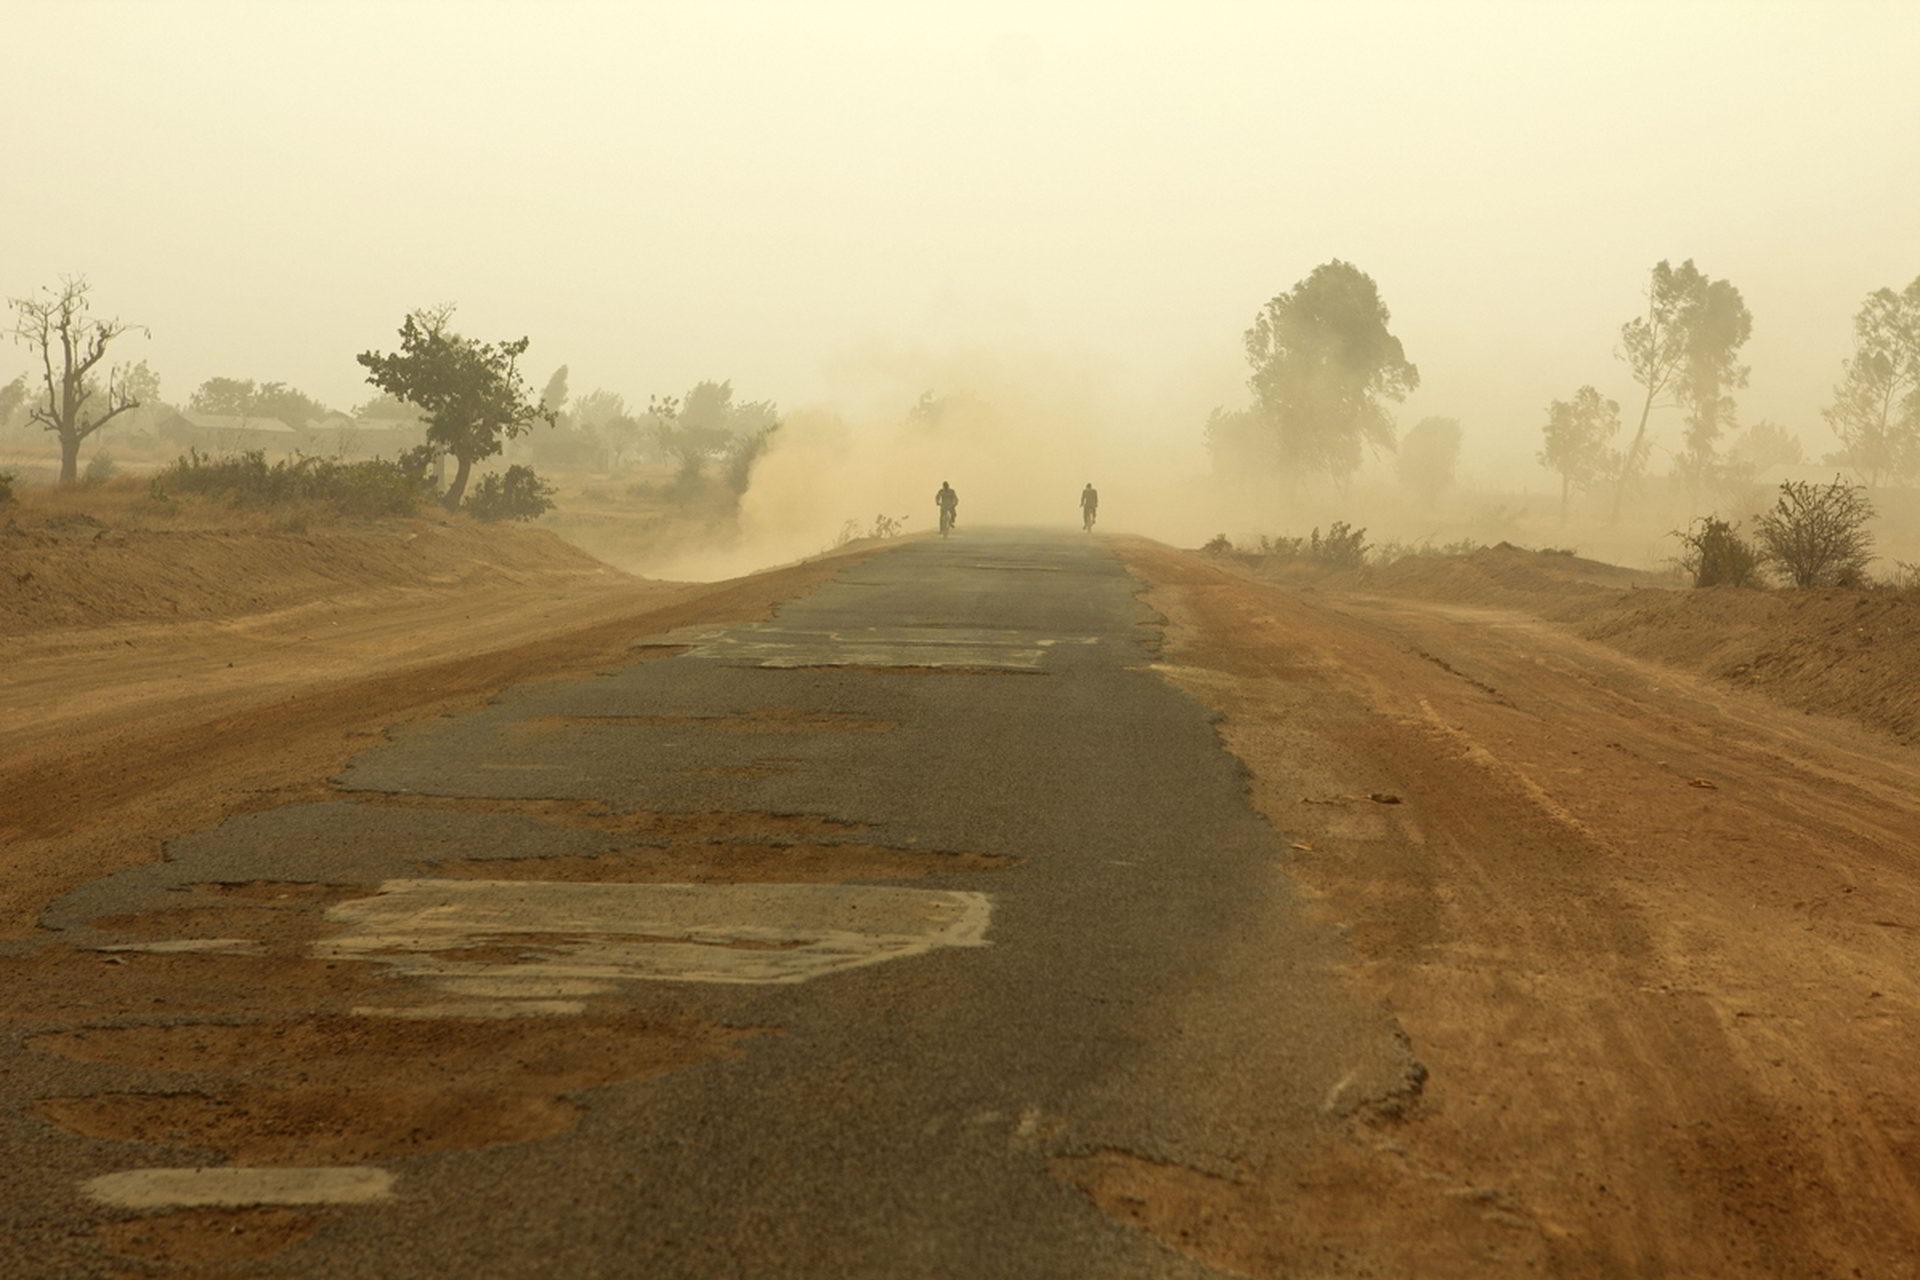 Togo2012 - Togo_2012_199.jpg